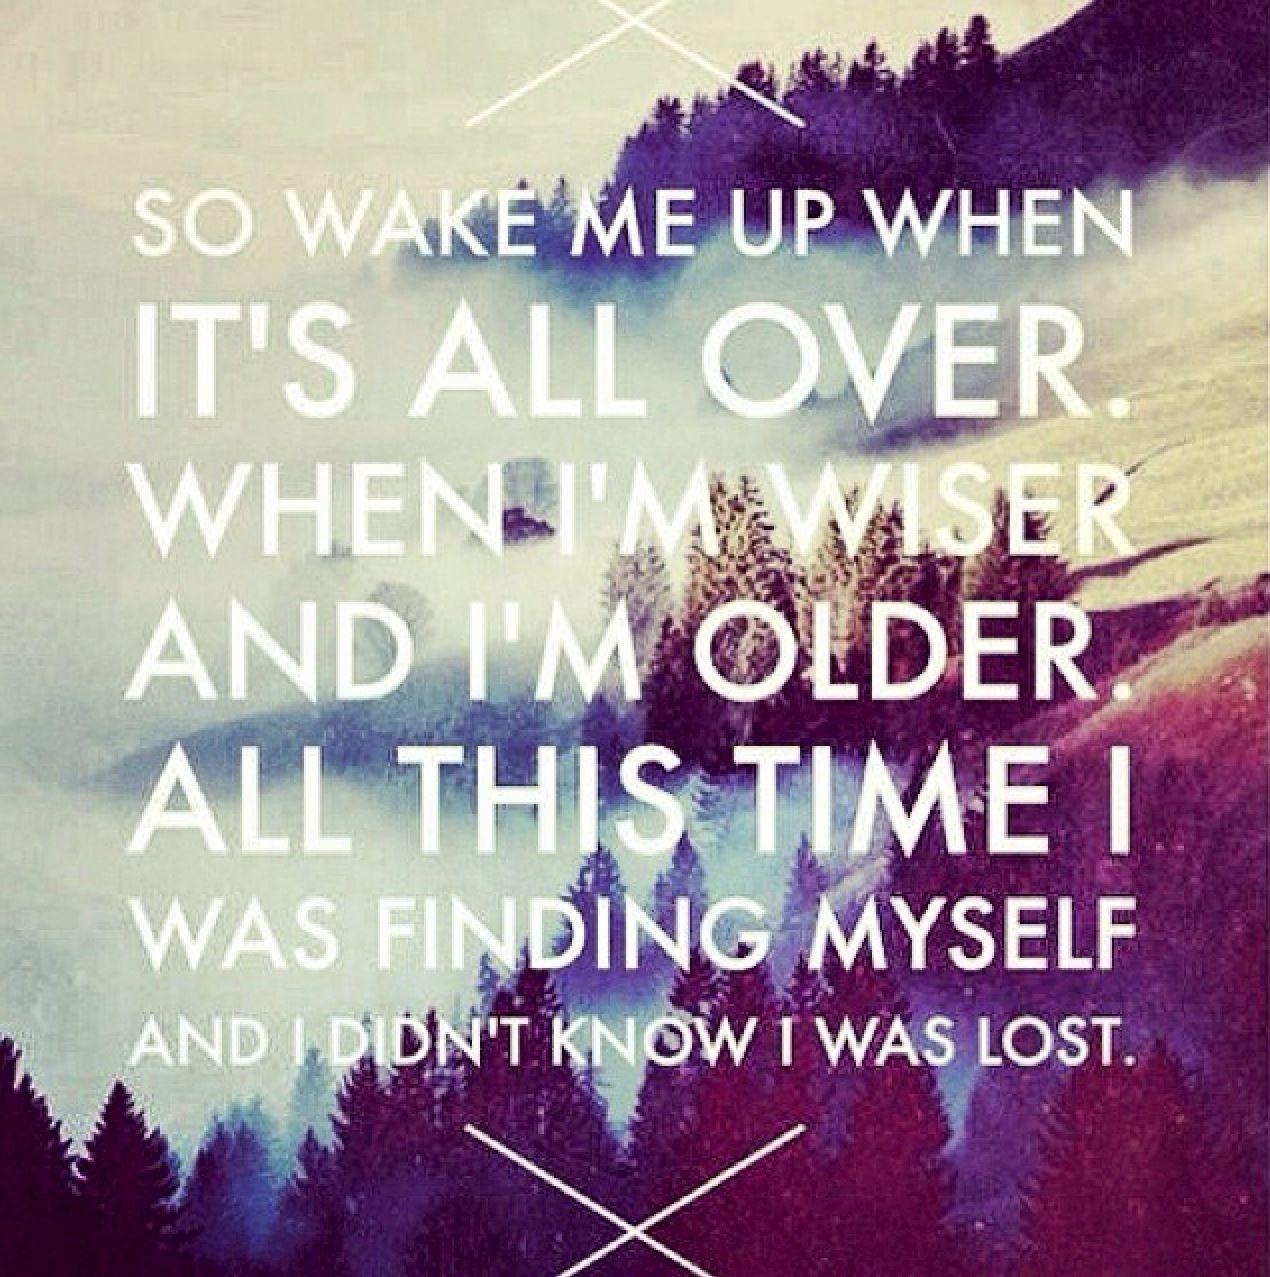 Wake Me Up Lyrics Quote Songteksten Teksten Wijze Woorden